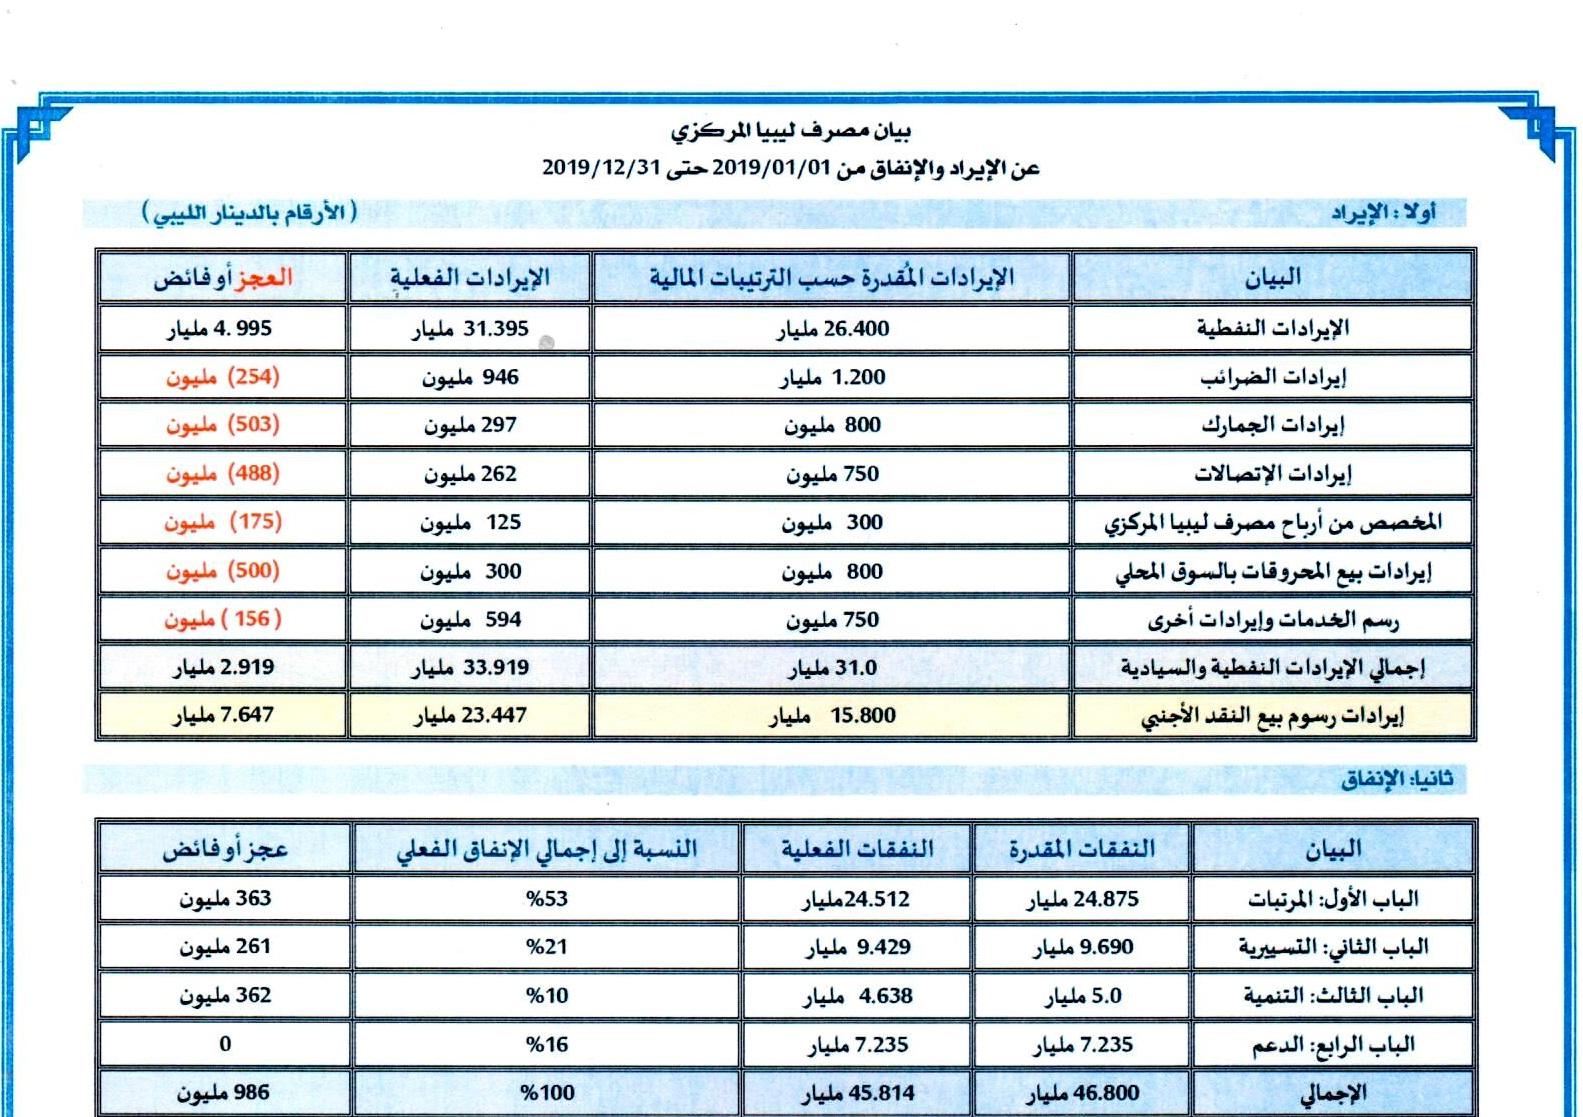 بيان مصرف ليبيا المركزي عن الإيراد والإنفاق من 2019/01/01 حتى 2019/12/31 مُرفق بكشف مبيعات النقد الأجنبي للمصارف التجارية (بالدولار الأمريكي) خلال نفس الفترة